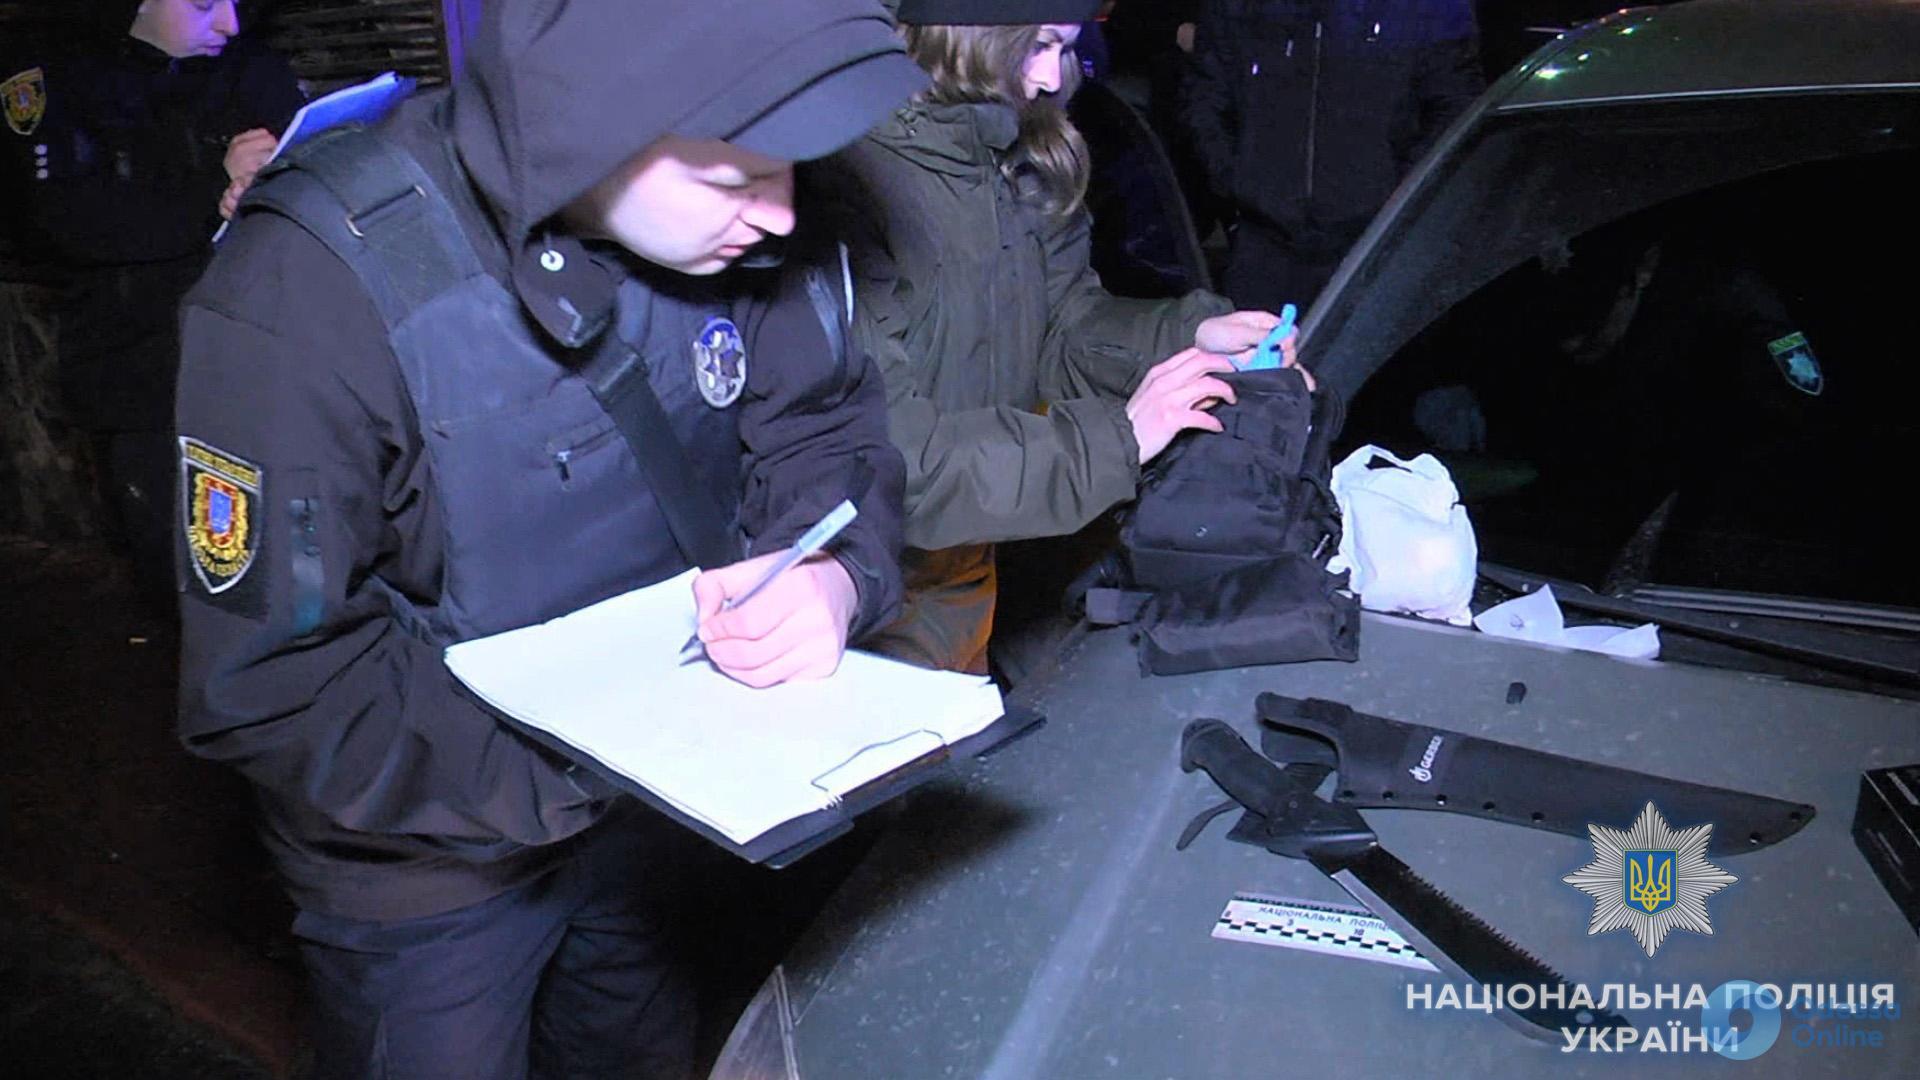 Трое иностранцев угрожали ножом прохожему в центре Одессы (фото)